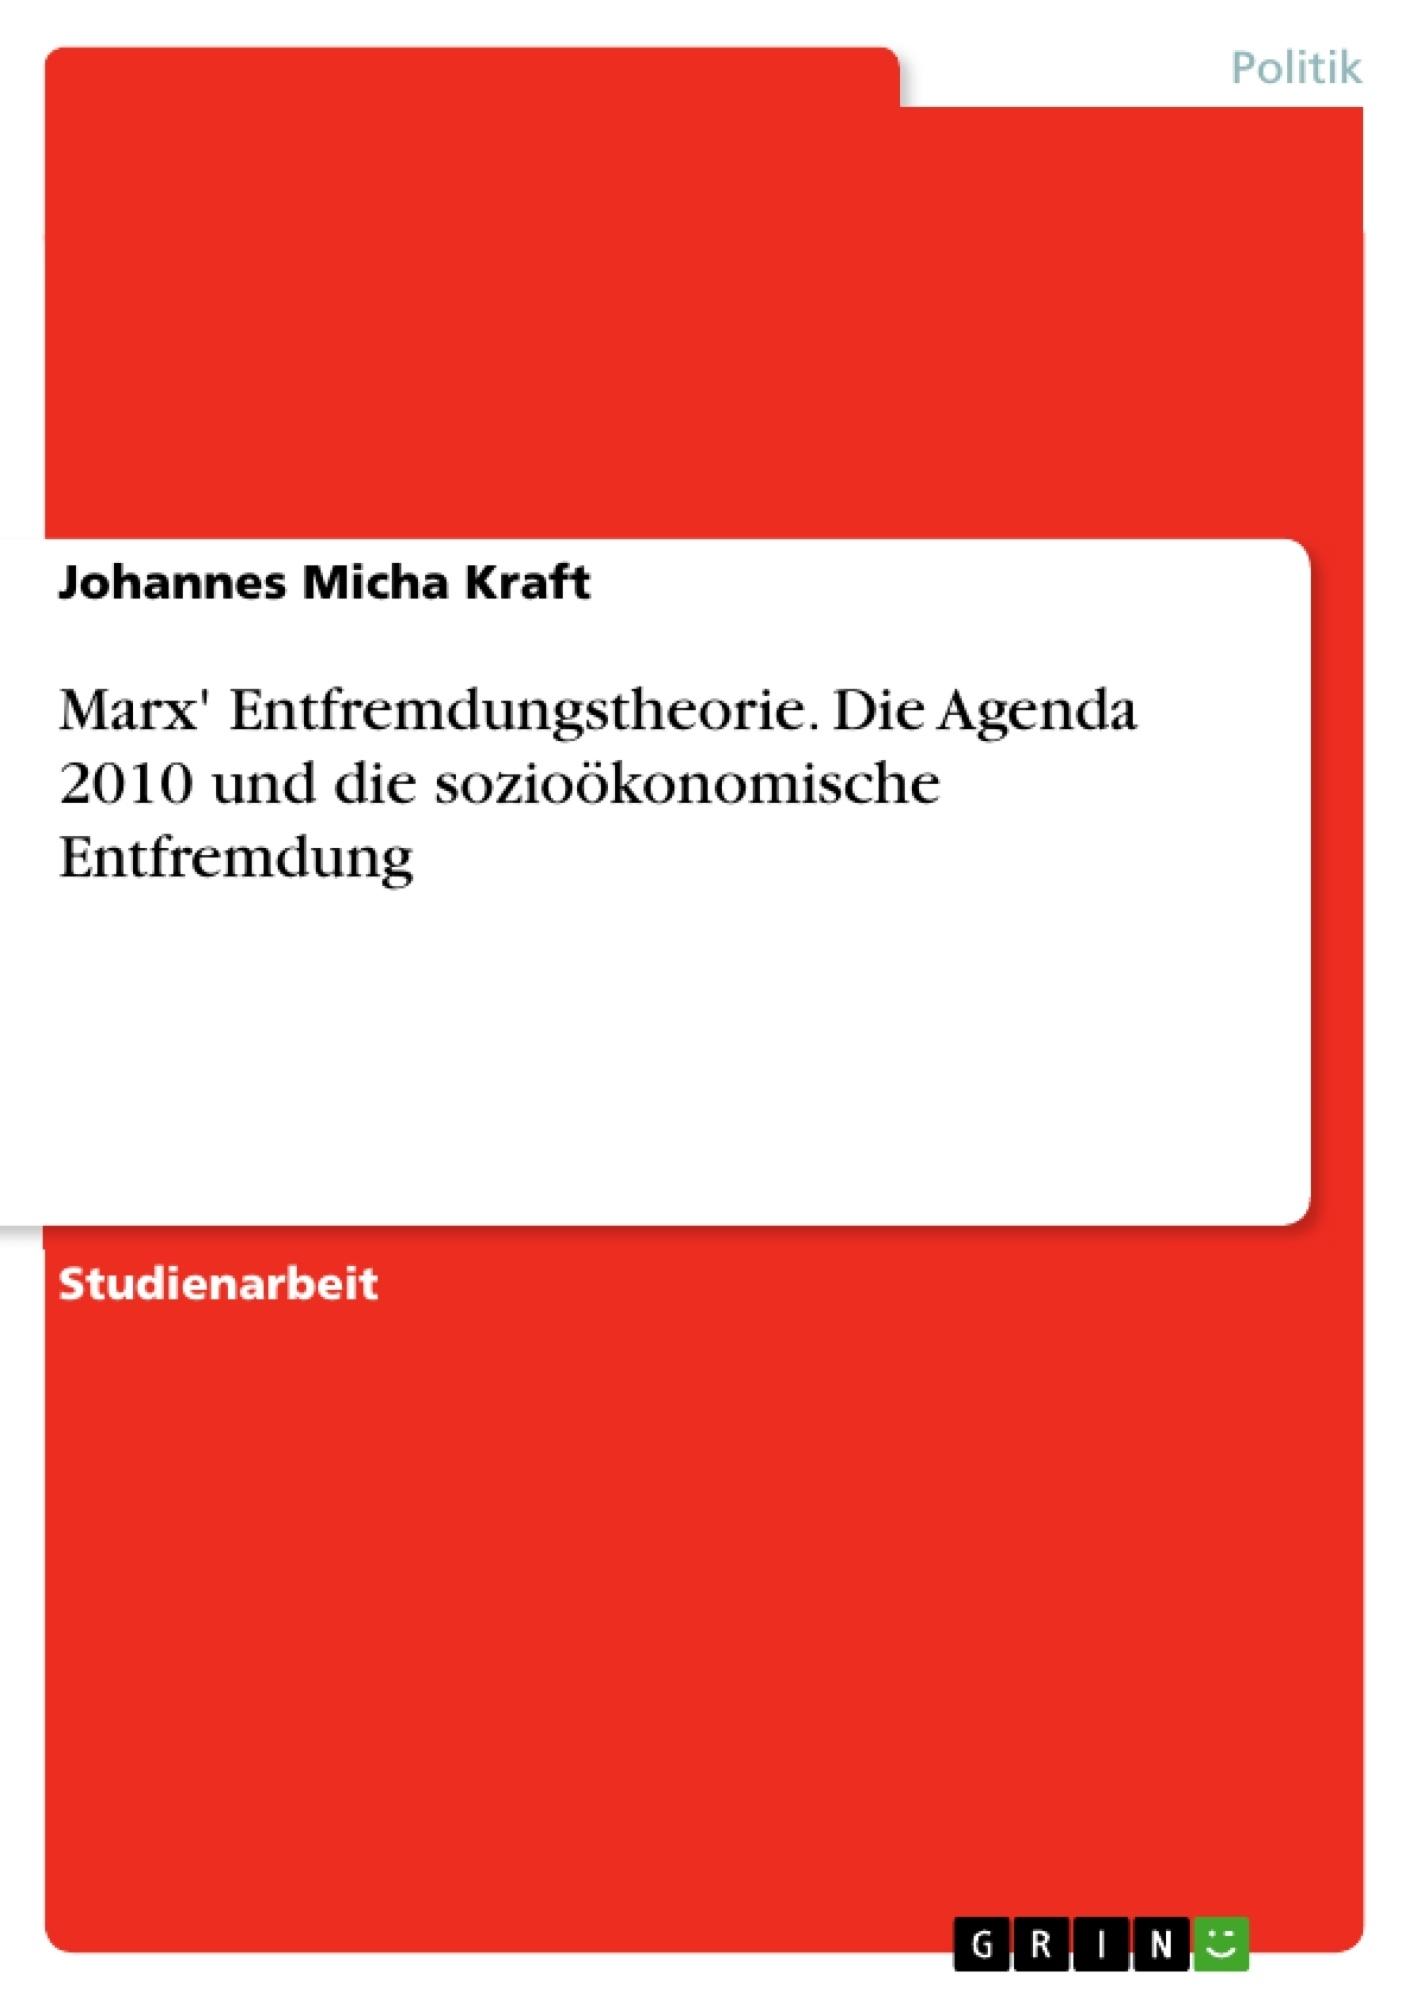 Titel: Marx' Entfremdungstheorie. Die Agenda 2010 und die sozioökonomische Entfremdung